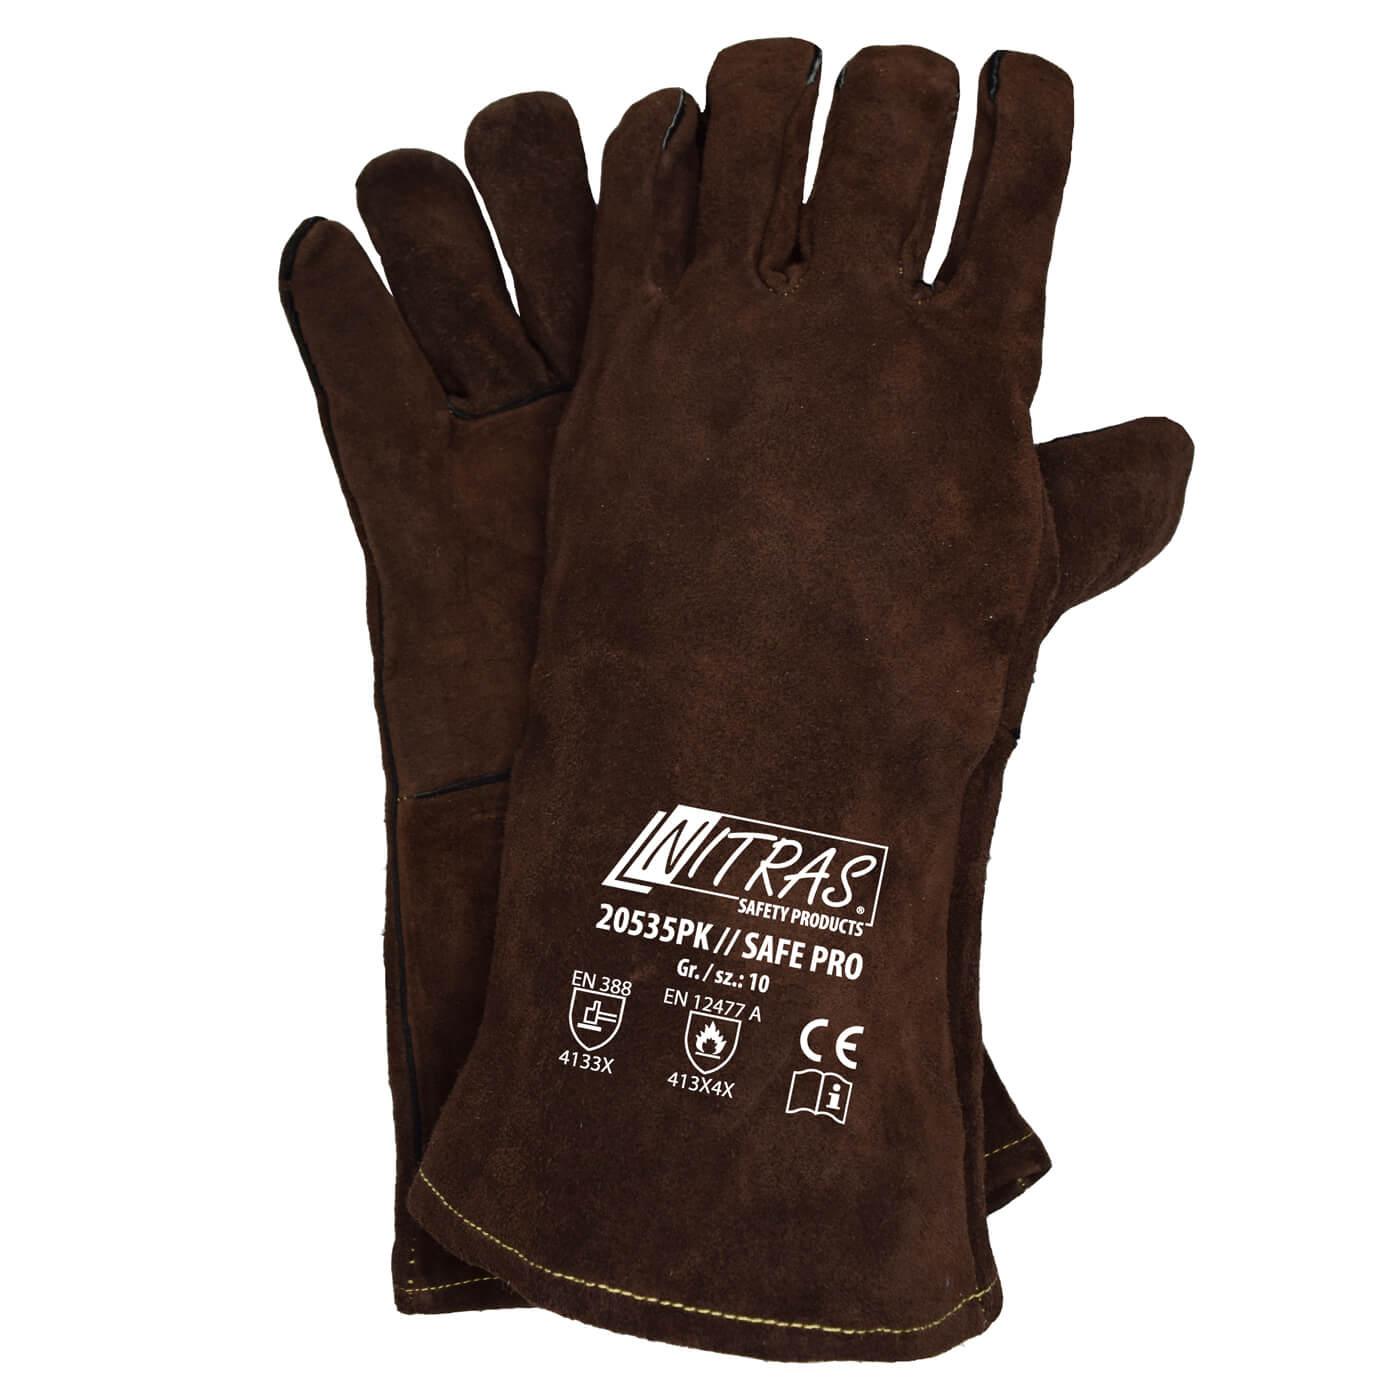 Rękawice spawalnicze Nitras 20535PK/ SAFE PRO